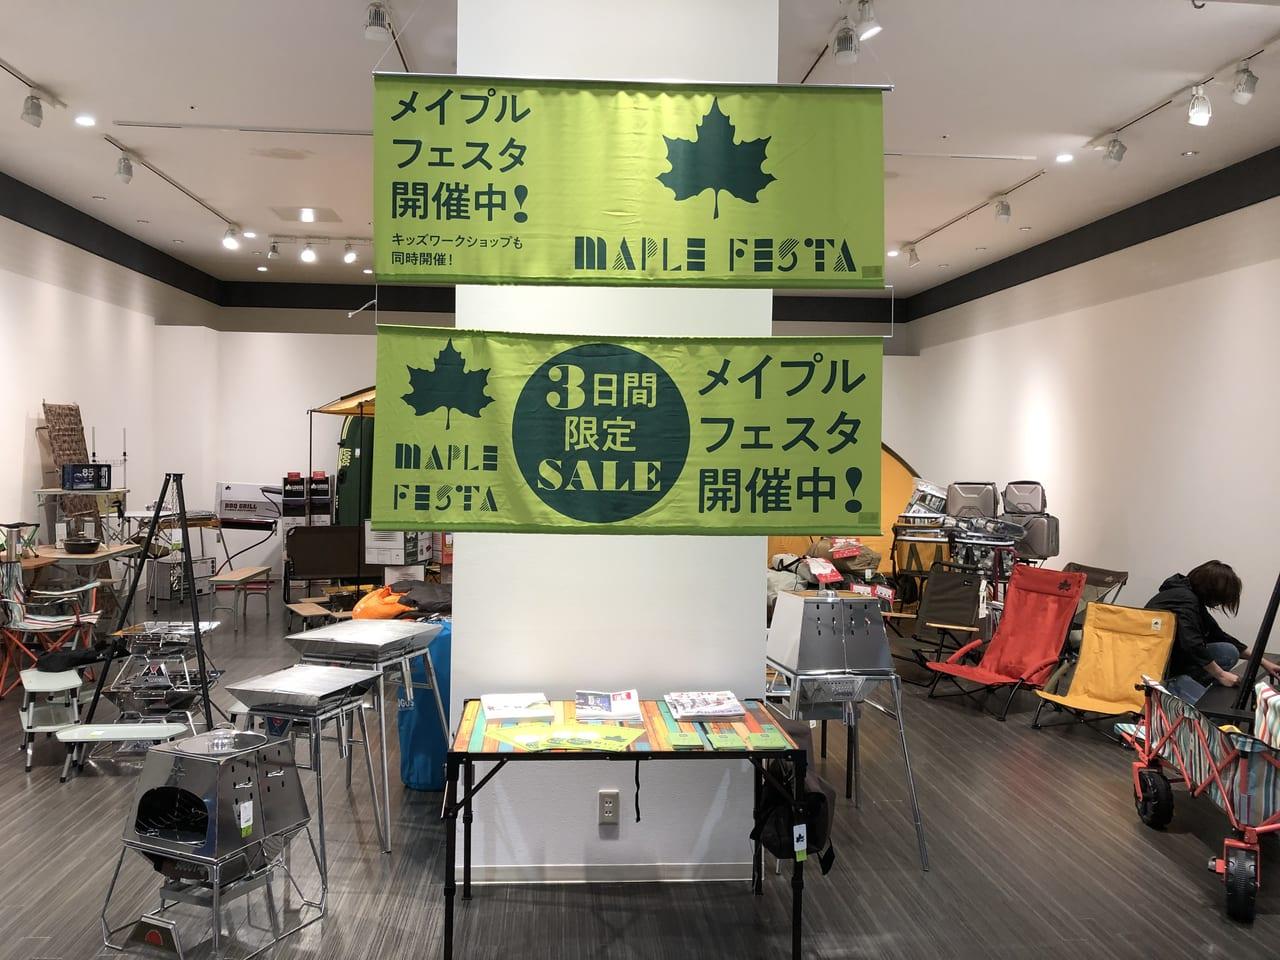 大阪 シティ モール イオン ドーム